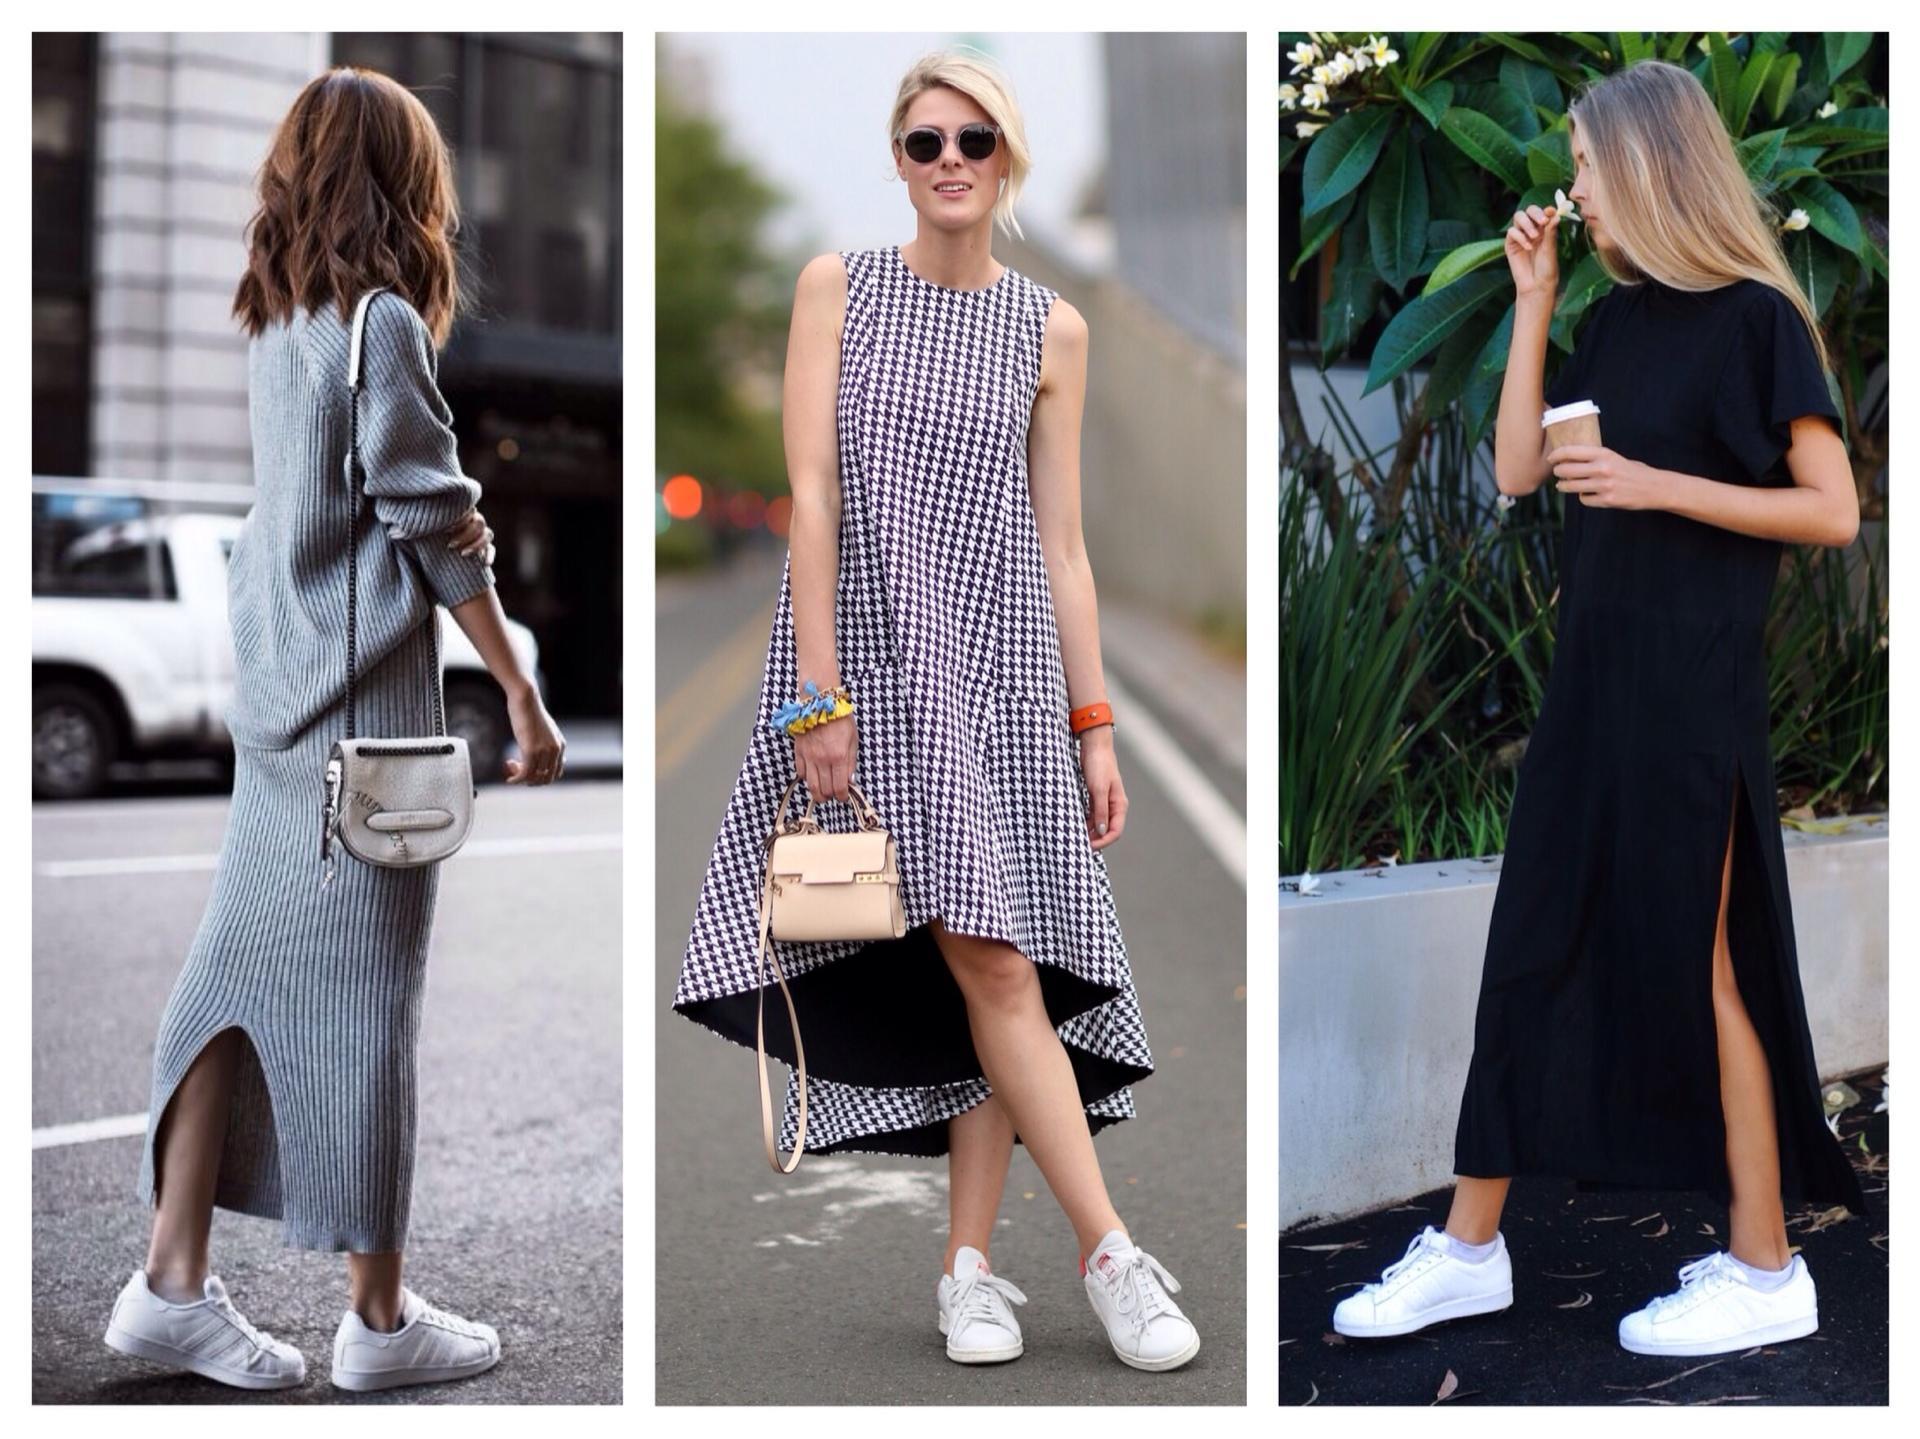 Высокие кроссовки с платьем